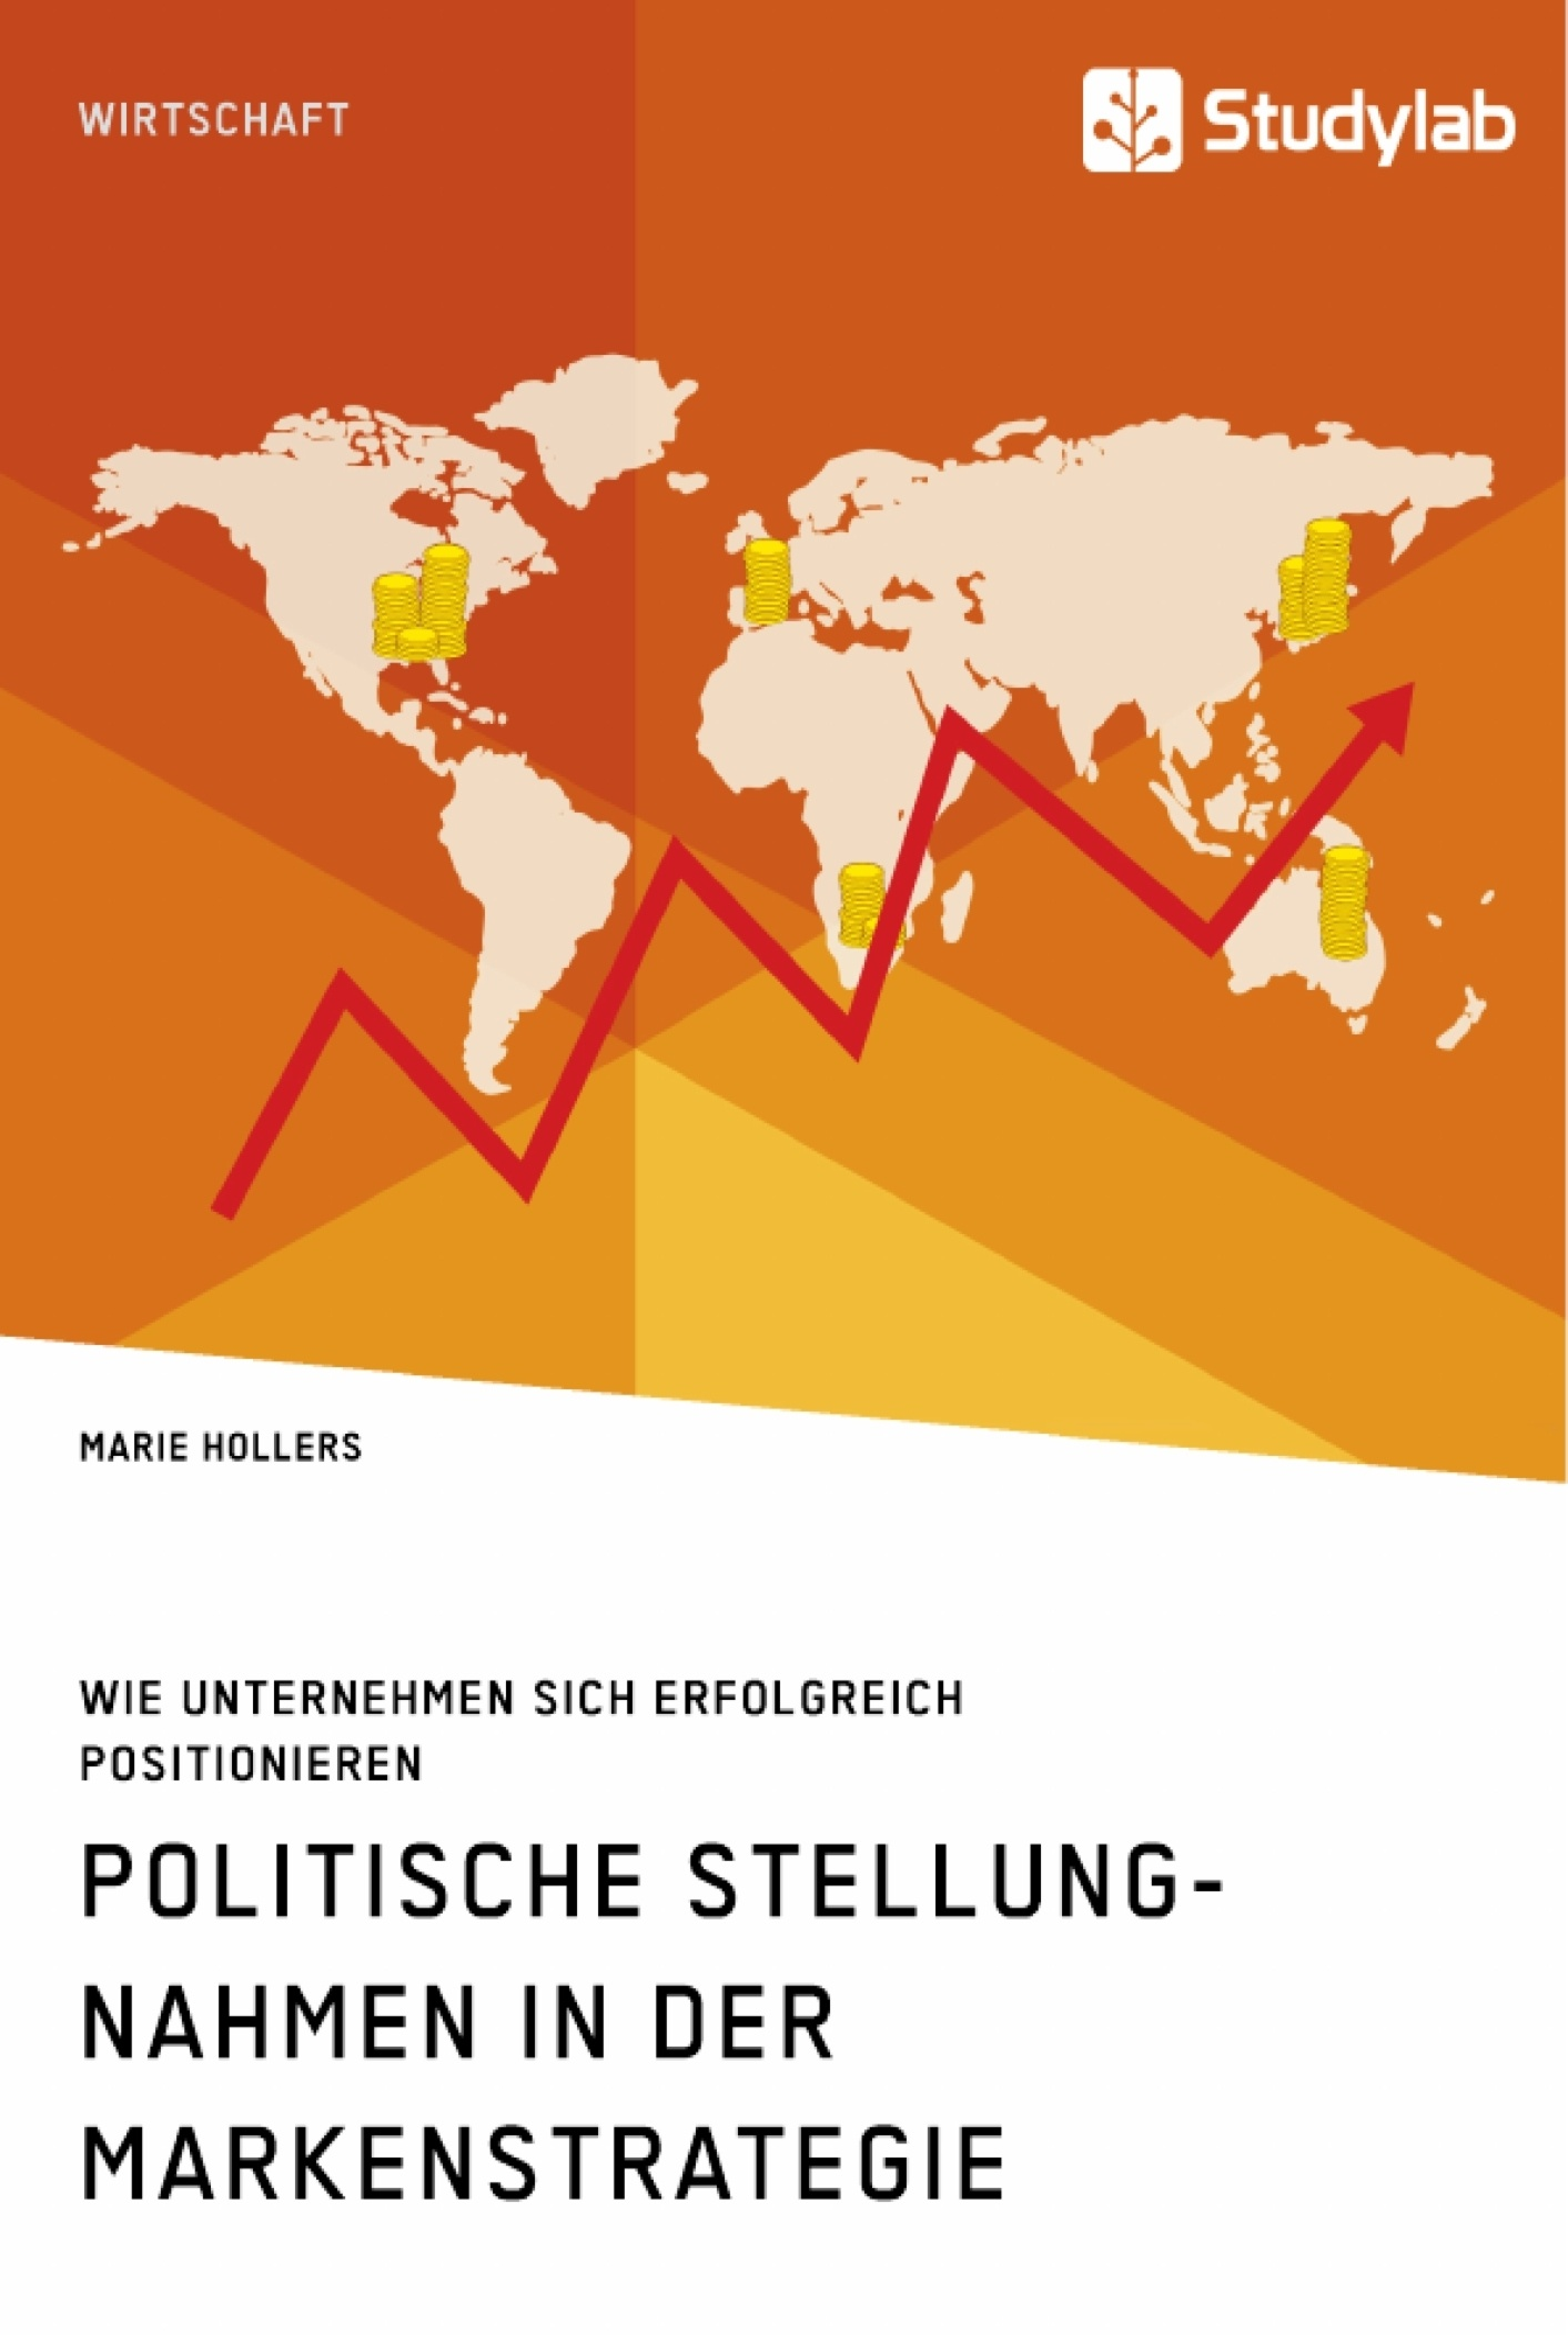 Titel: Politische Stellungnahmen in der Markenstrategie. Wie Unternehmen sich erfolgreich positionieren